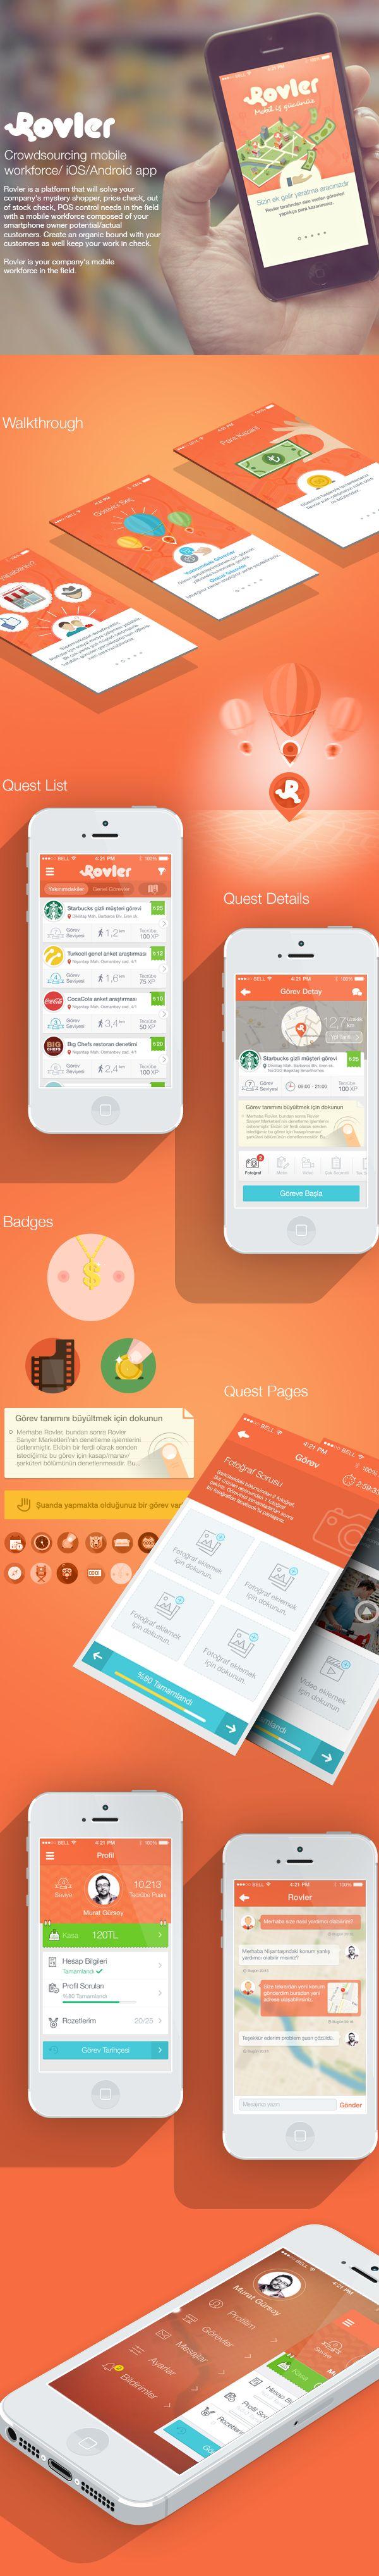 Unique App Design, Rovler #App #Design